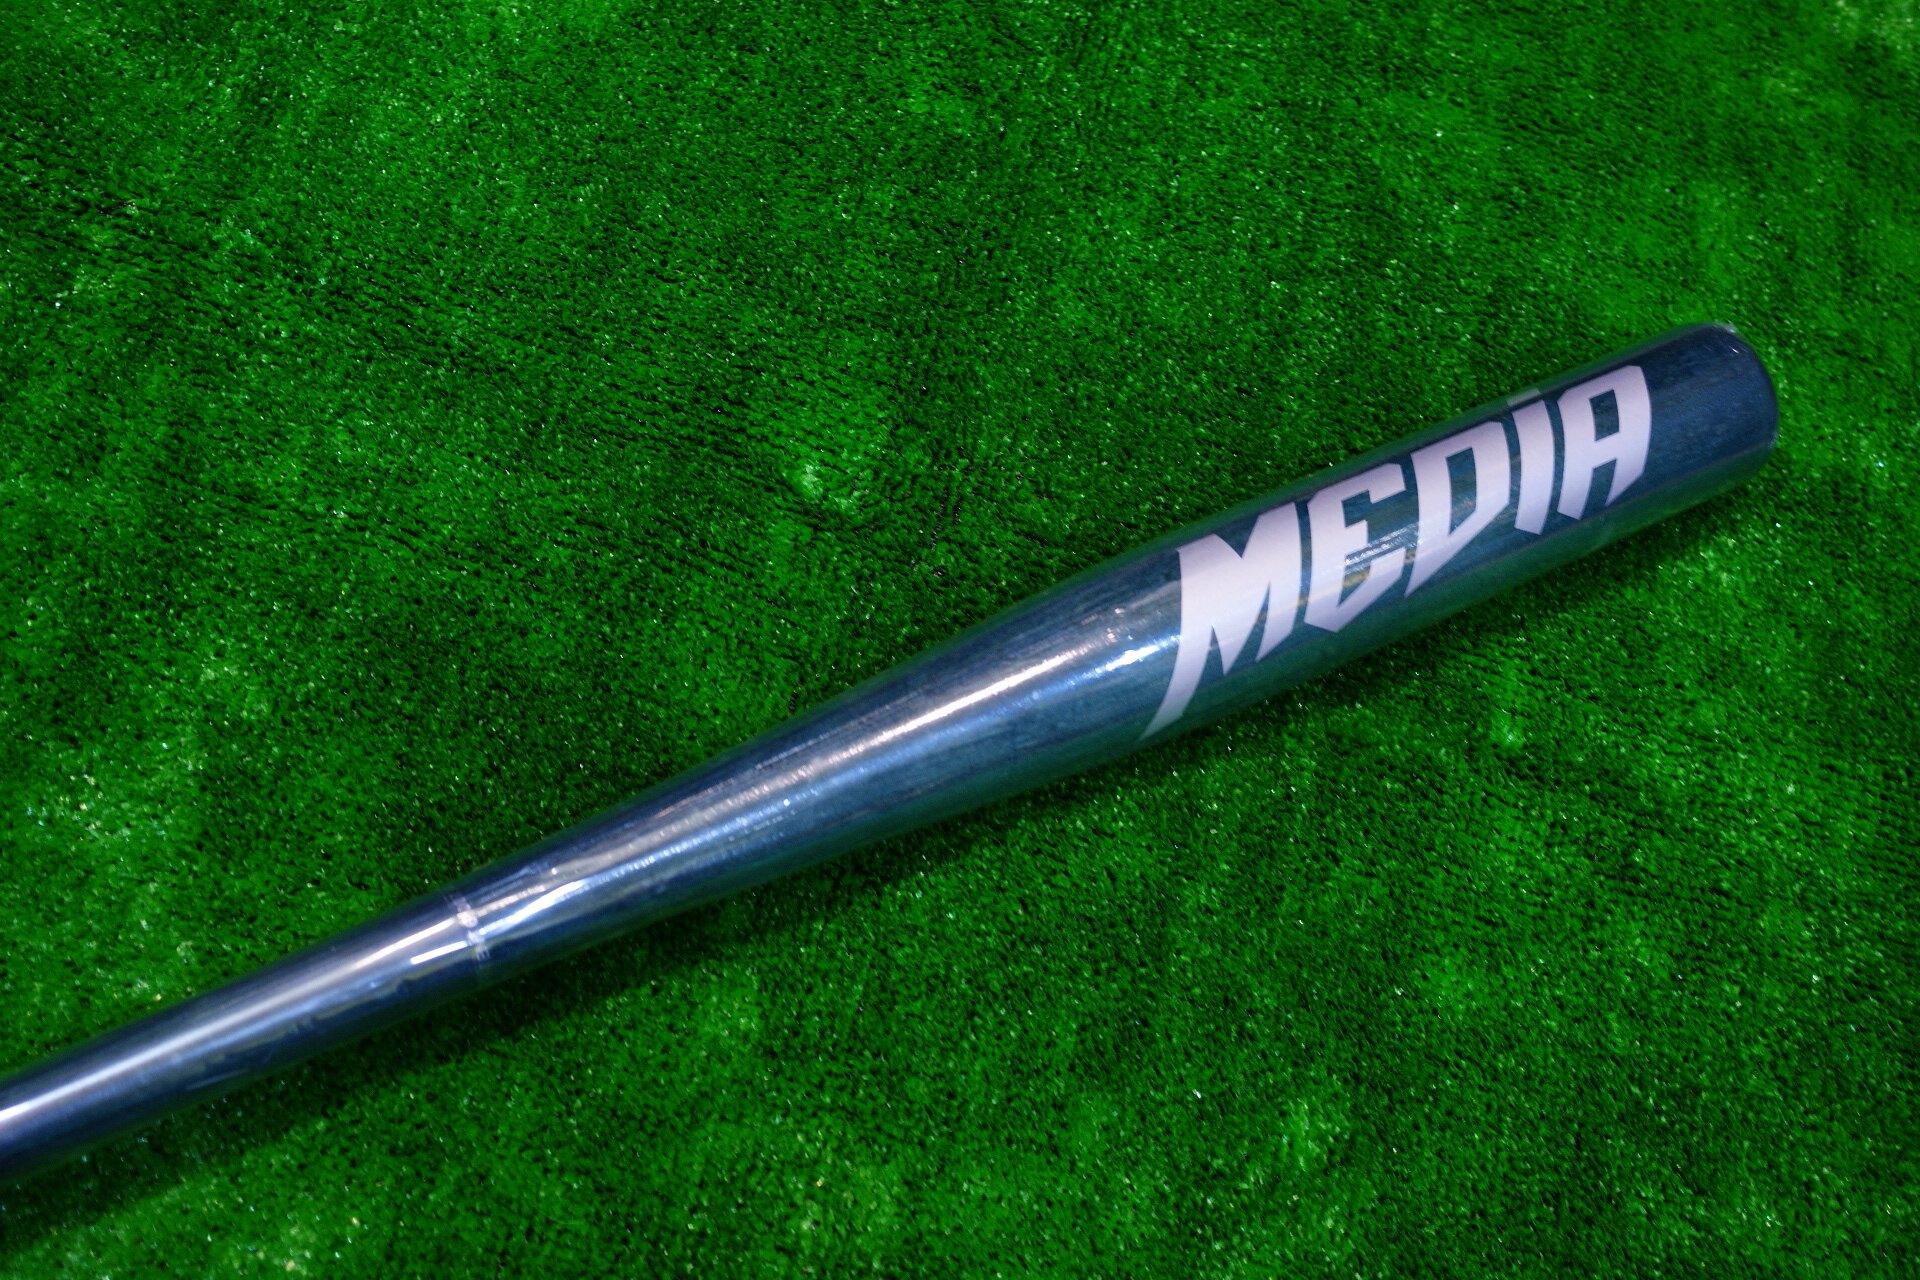 棒球世界全新MEDIA加拿大楓木慢速壘球棒 特價 5折綠色。運動,戶外與休閒人氣店家棒球世界的brett棒壘商品有最棒的商品。快到日本NO.1的Rakuten樂天市場的安全環境中盡情網路購物,使用樂天